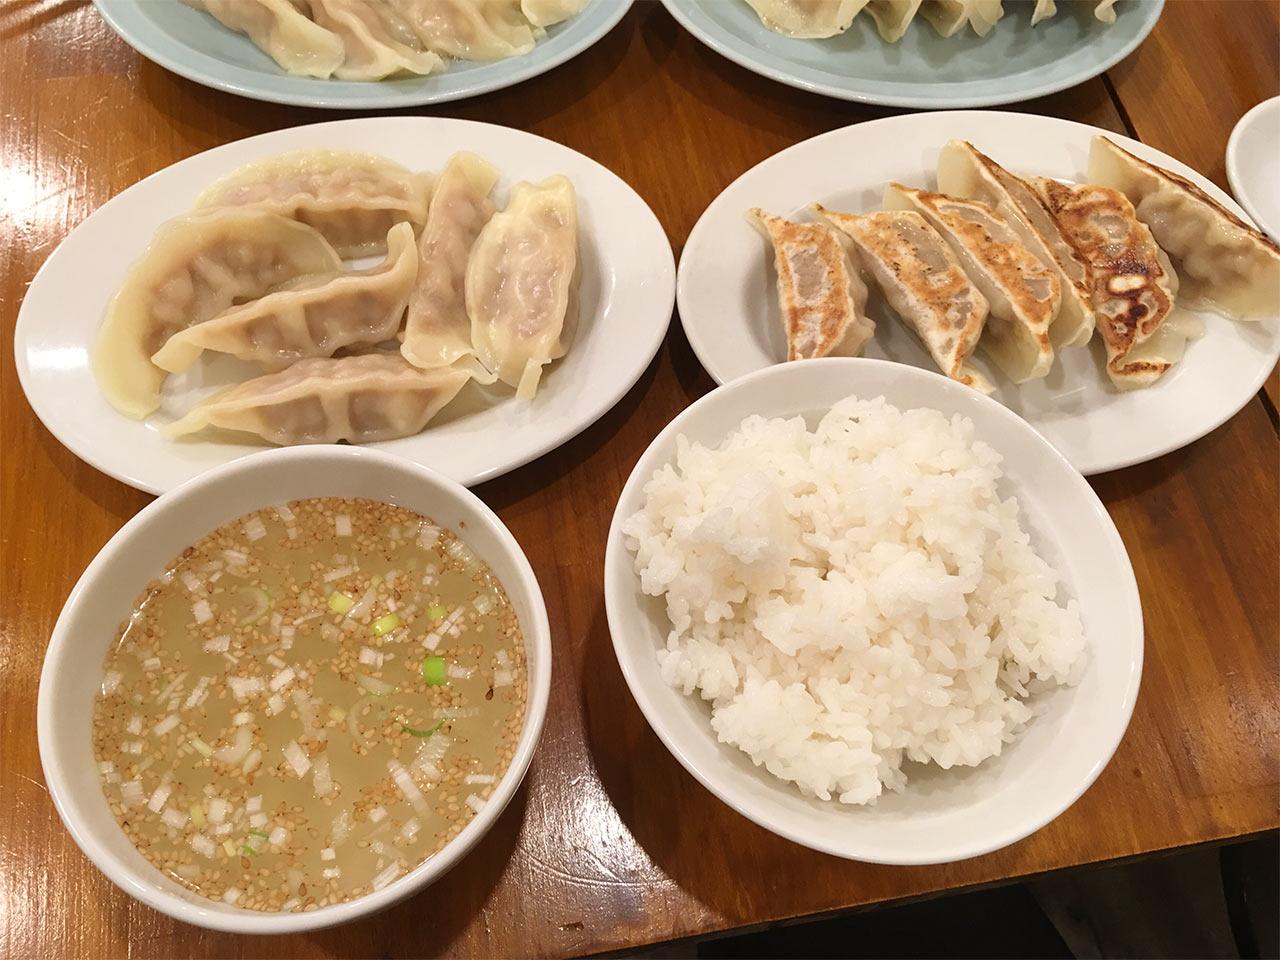 武蔵小山の餃子屋ふく肉の餃子W定食